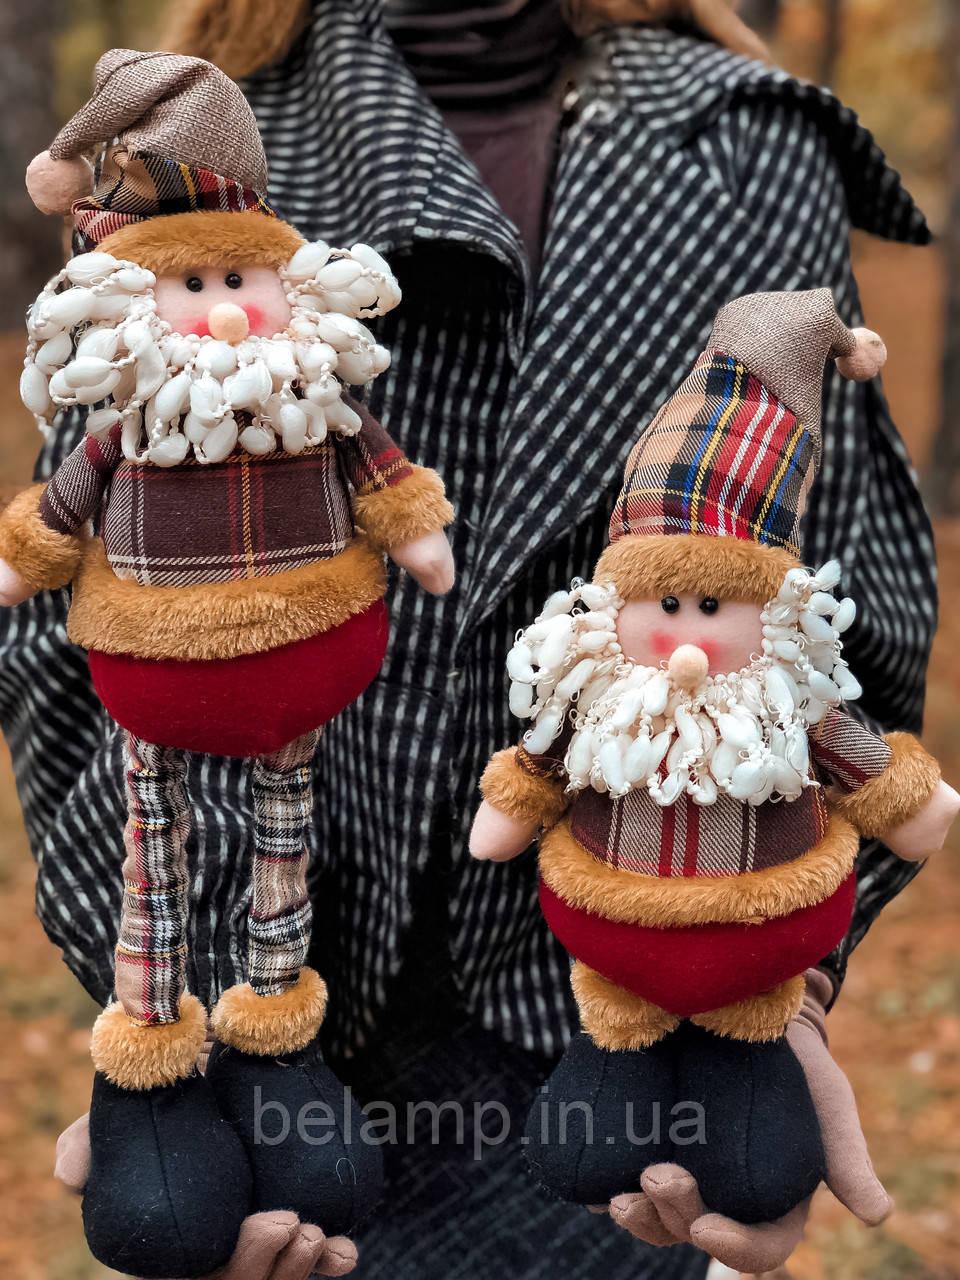 Новогоднее украшение под ёлку Дед Мороз с выдвижными ногами